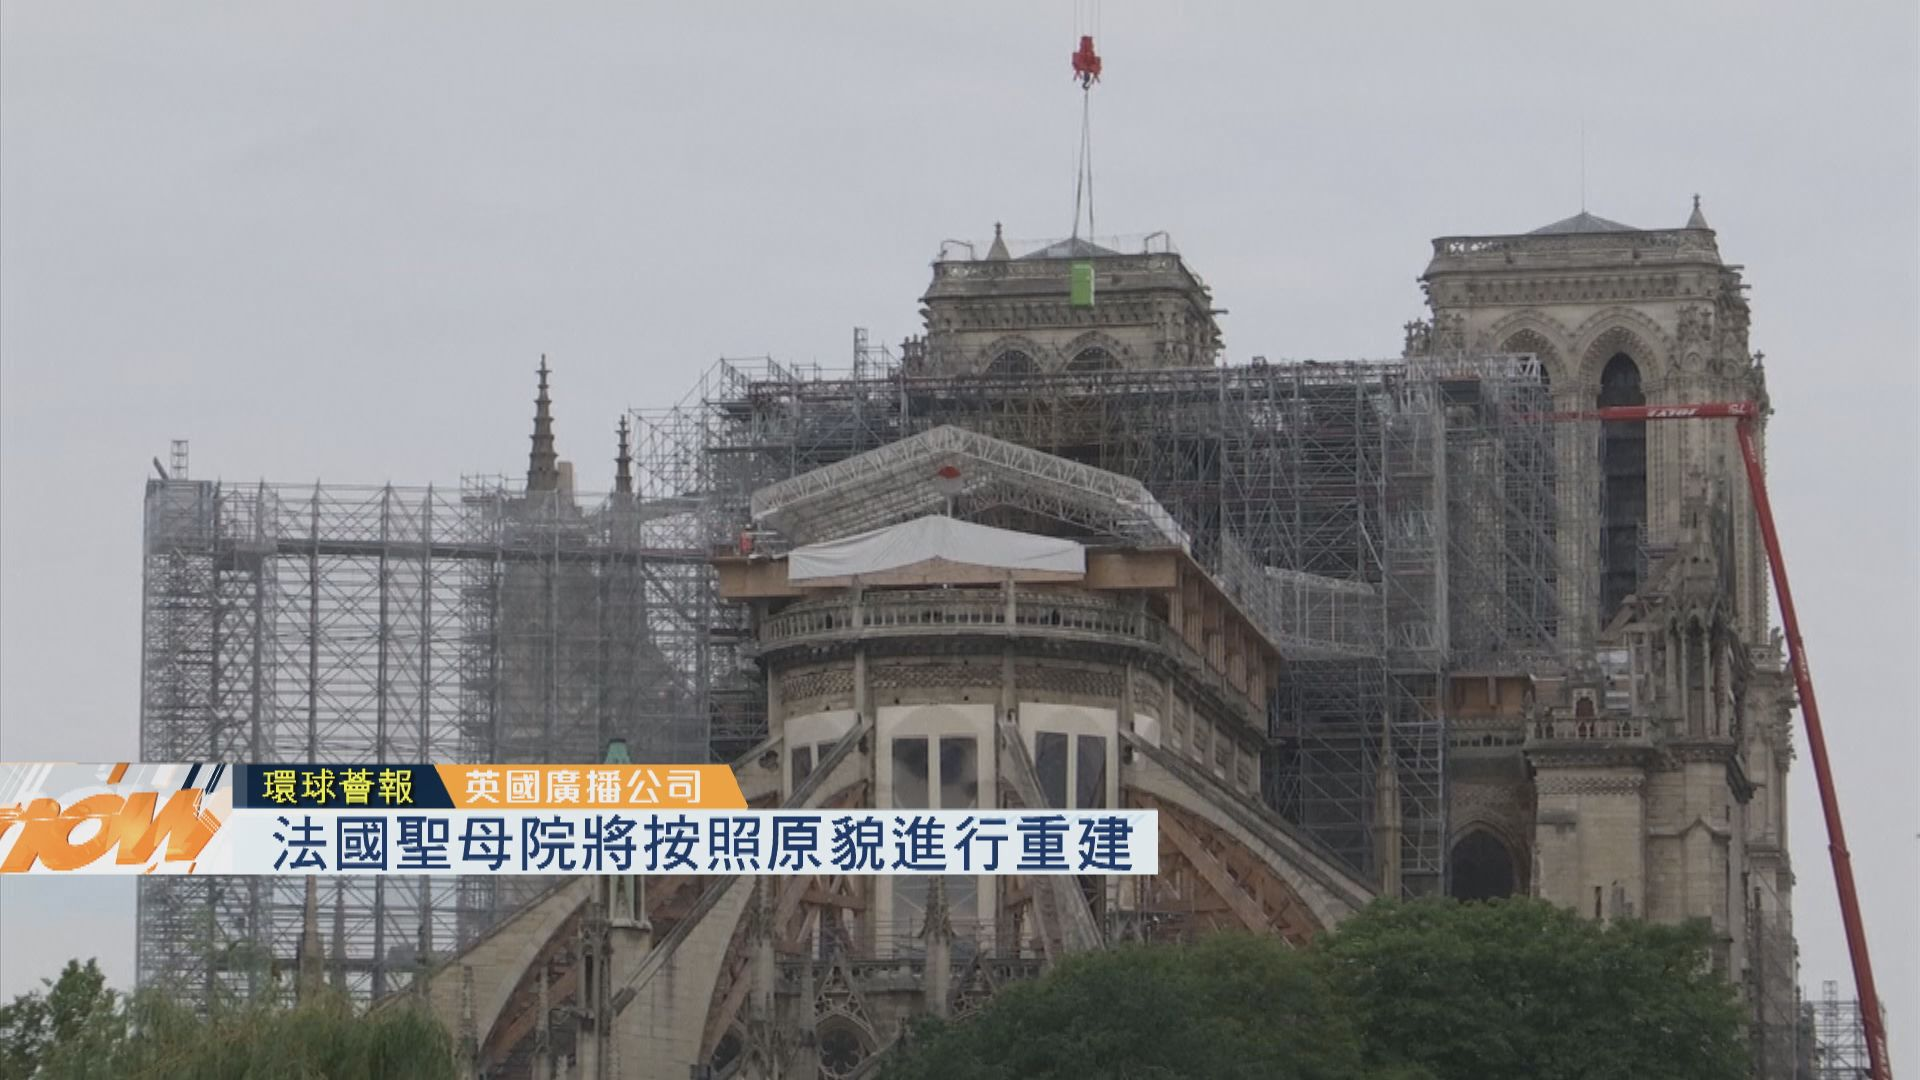 【環球薈報】法國聖母院將按照原貌進行重建